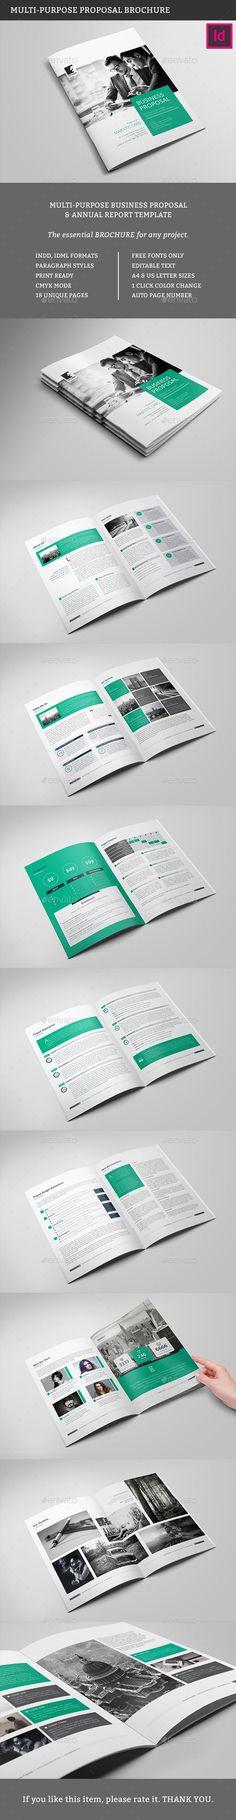 Project \ Business Proposal InDesign v4 Bar, Desain, dan Proposal - download business proposal template